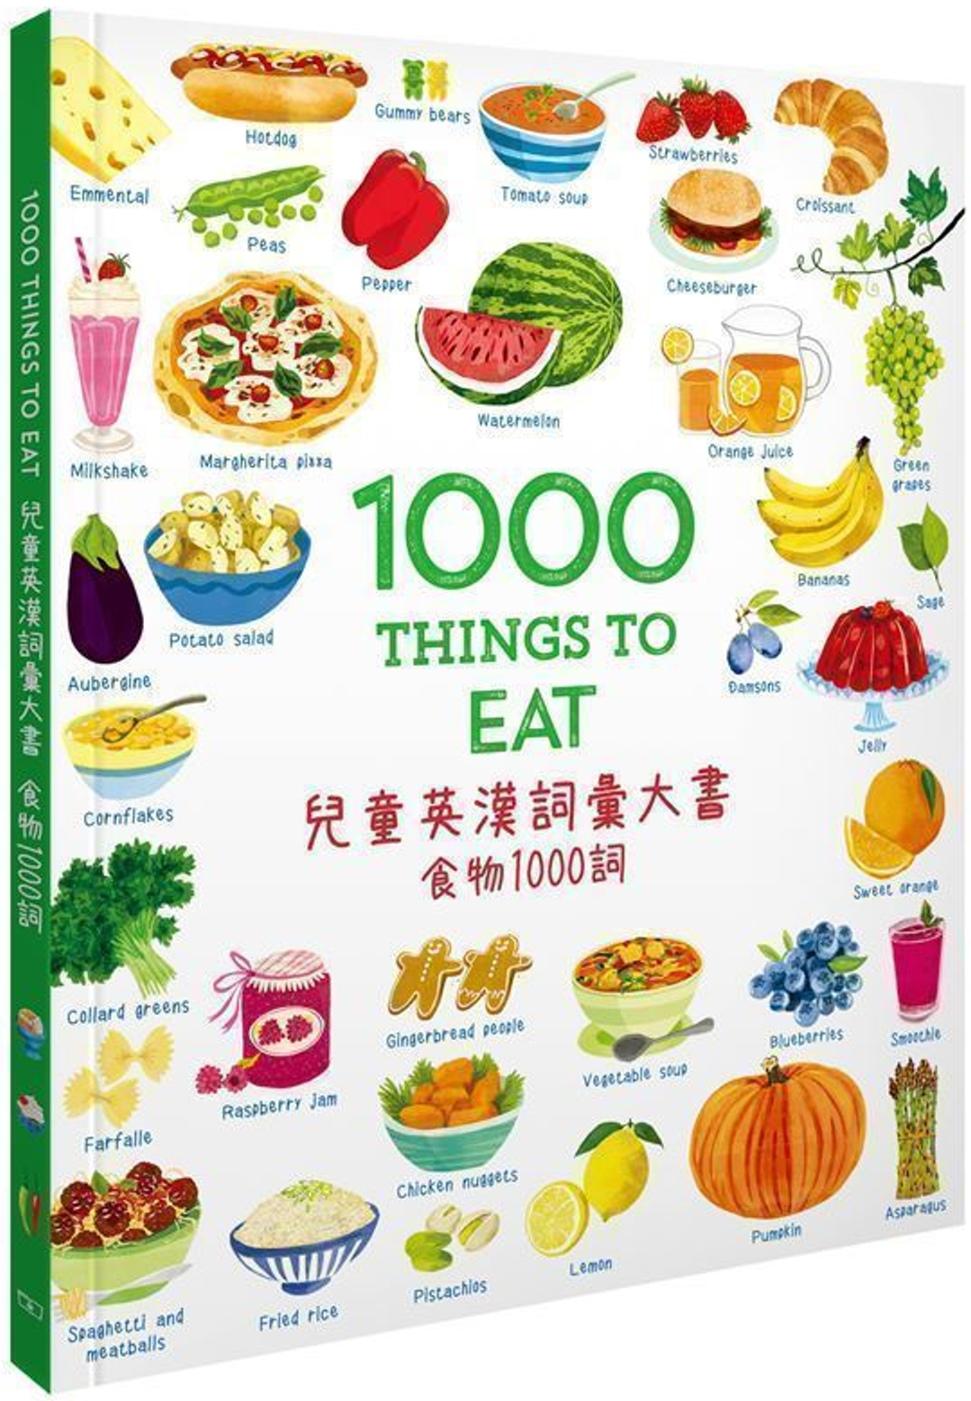 1000 Things to Eat 兒童英漢詞彙大書:食物1000詞